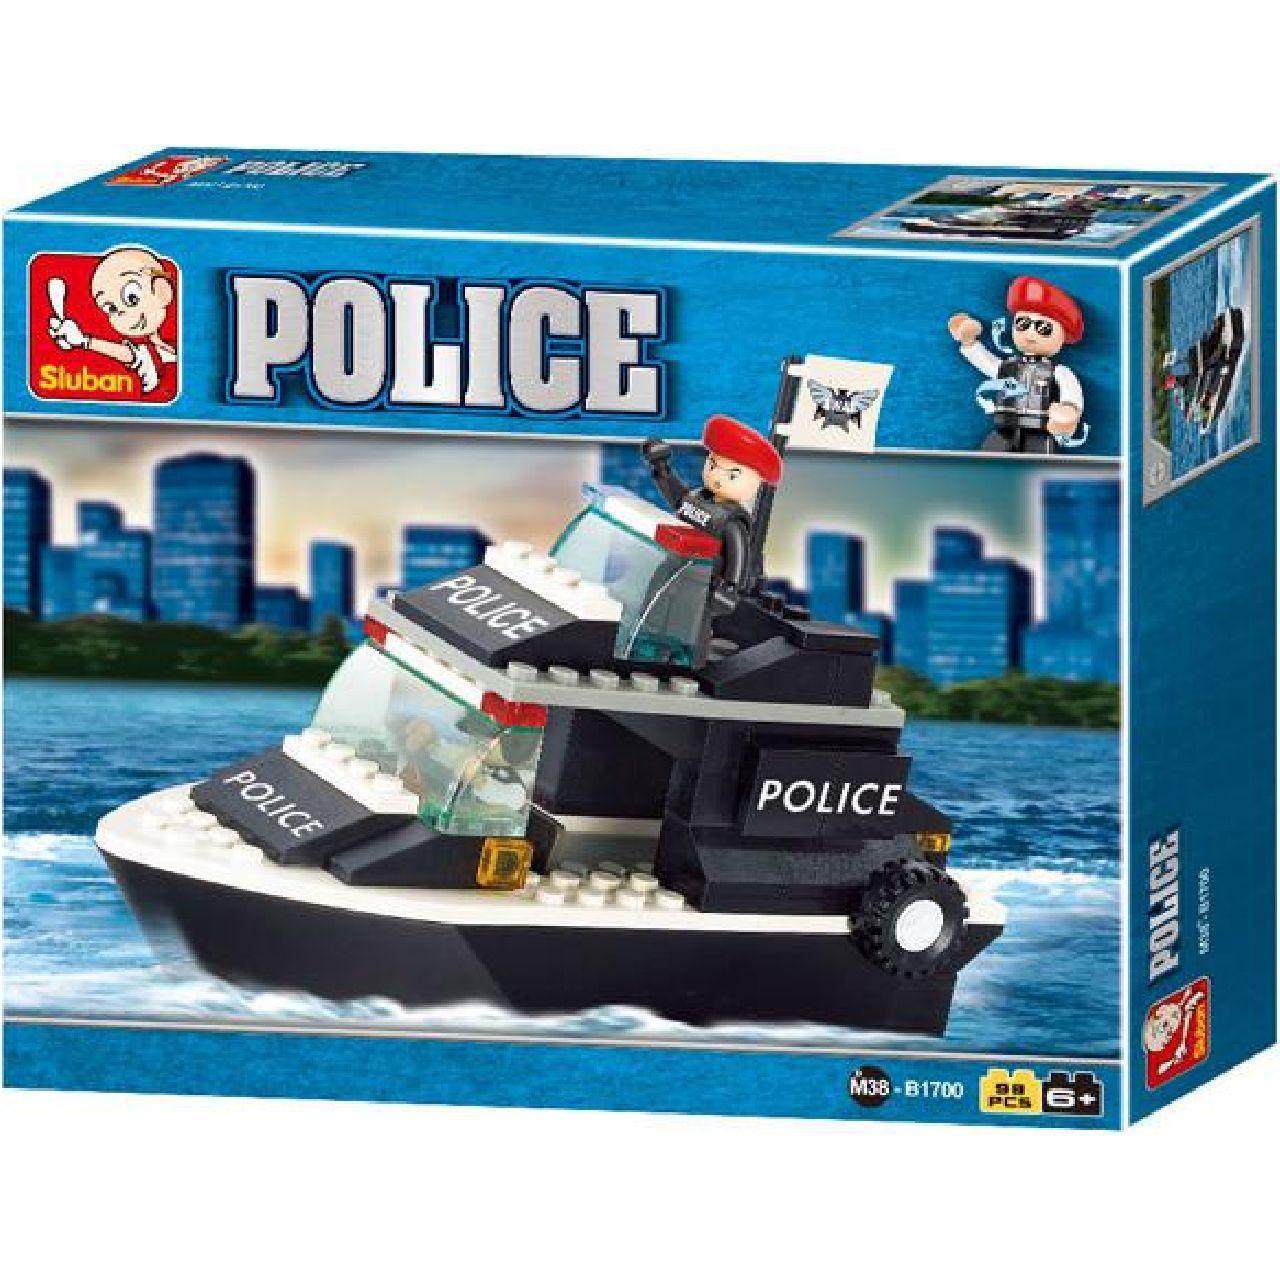 Конструктор M38-B1700 поліція, катер, фігурка, 98 елементів, в коробці, 24-19-4,5 см